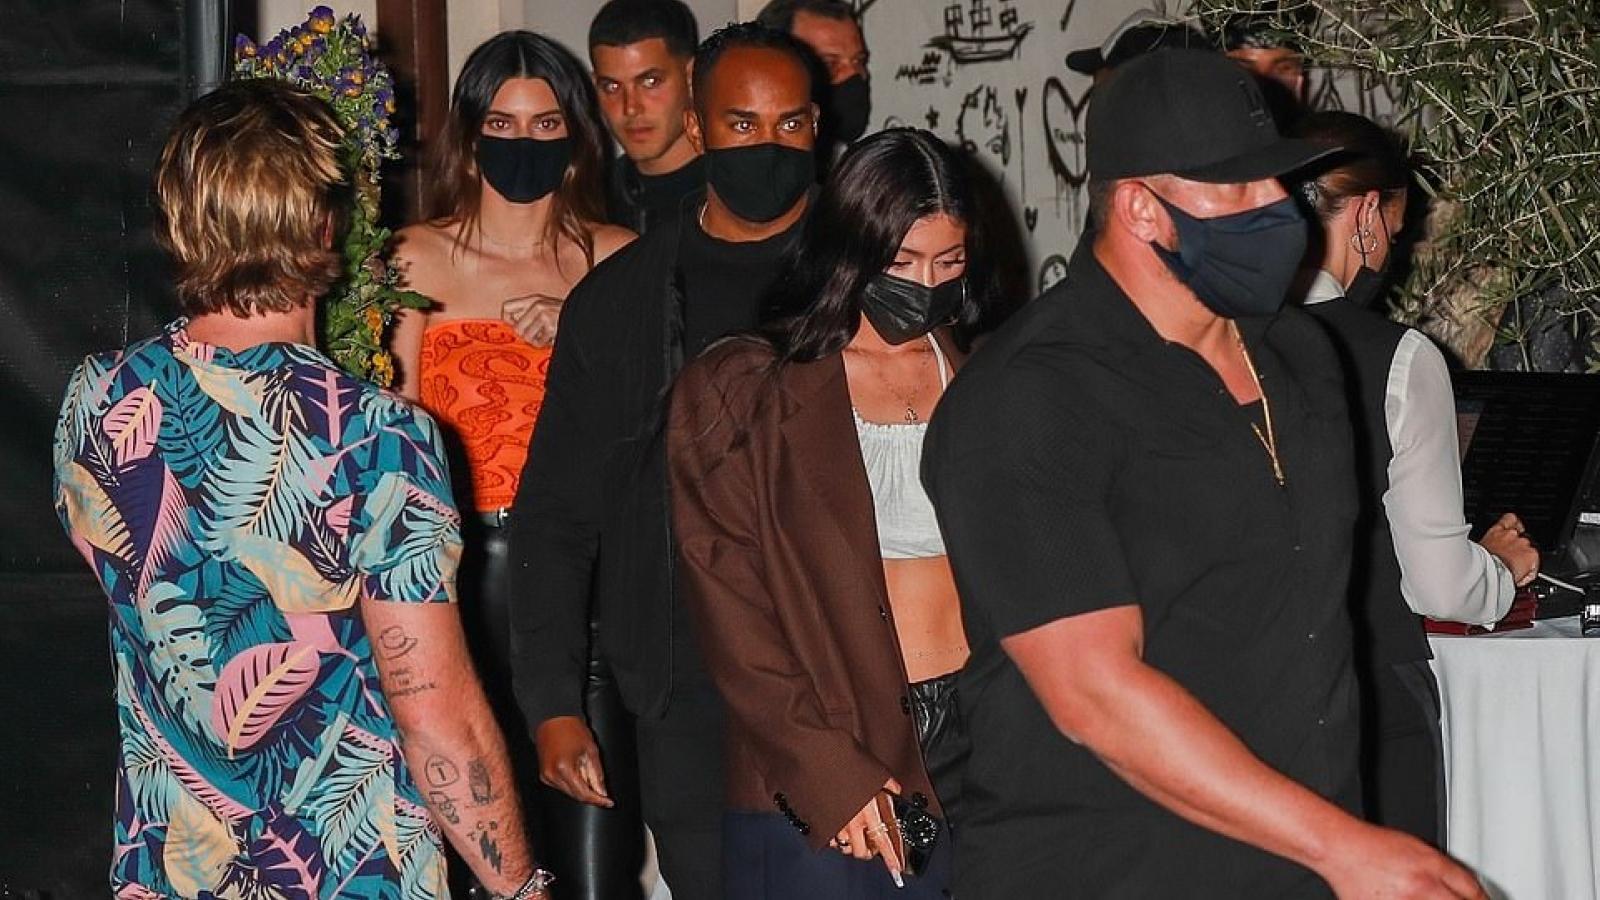 Chị em Kylie Jenner - Kendall Jenner sành điệu dự tiệc đêm ở Los Angeles